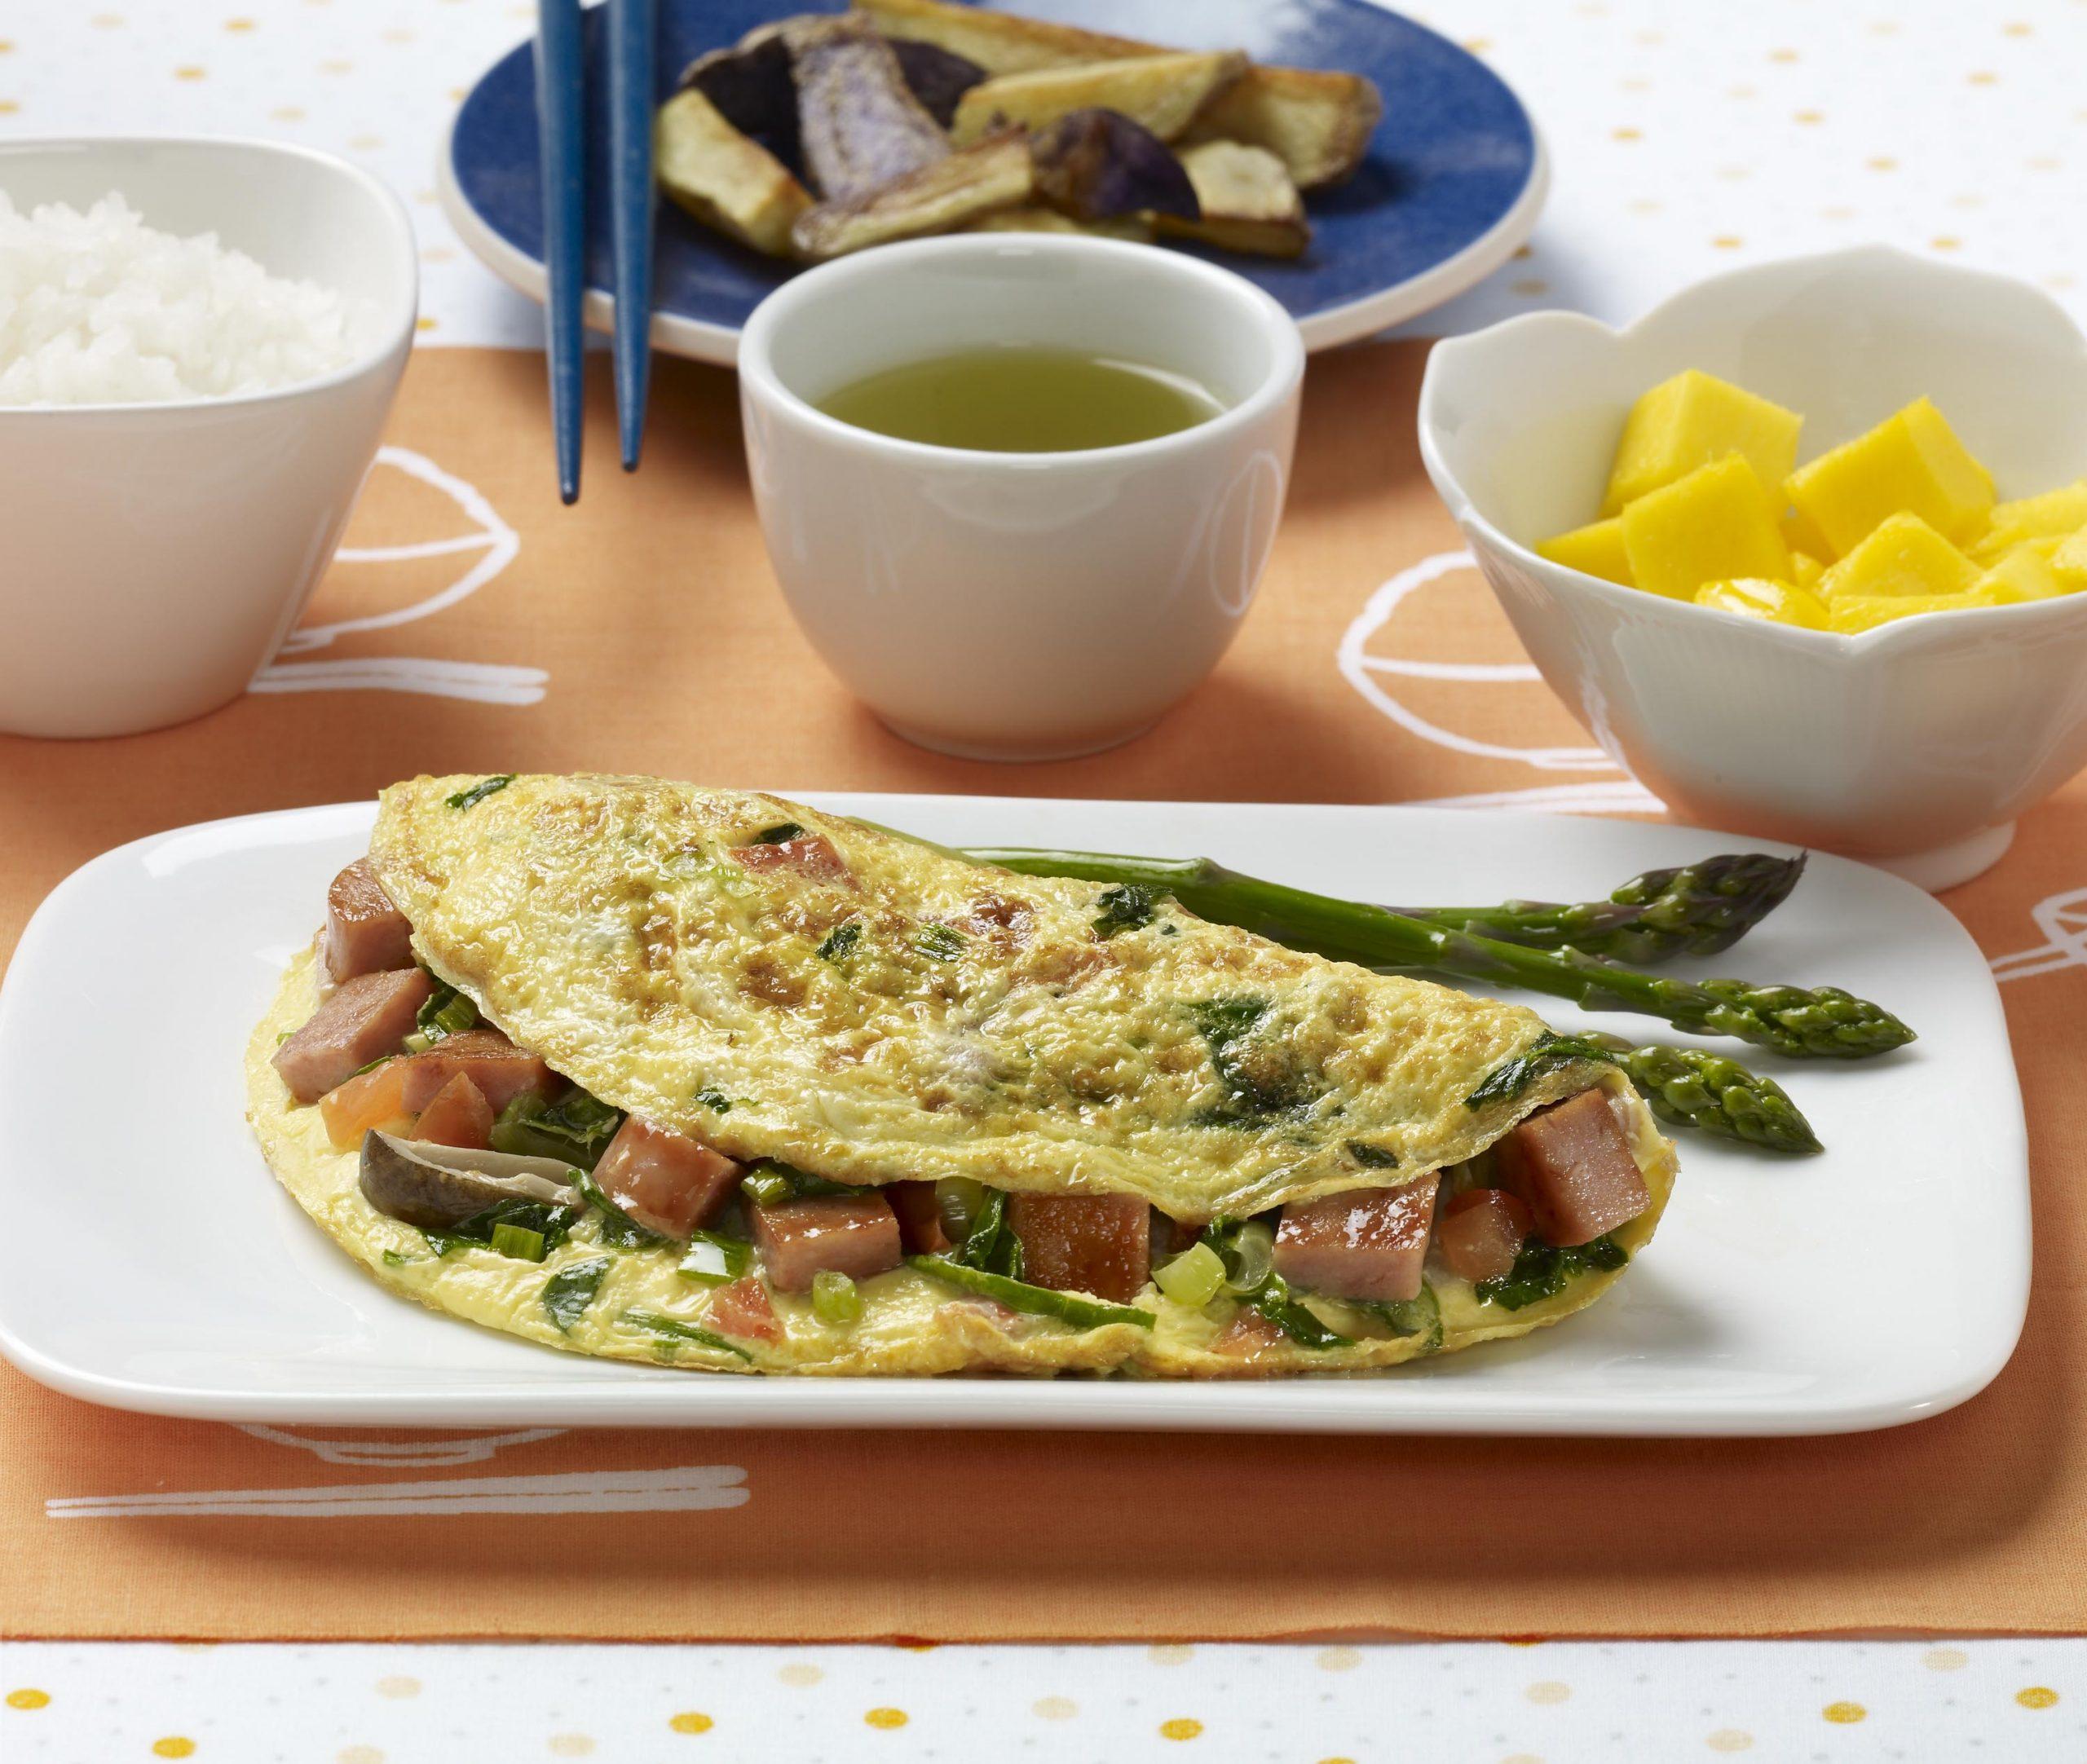 https://www.spam-ph.com/recipe/spam-omelet/